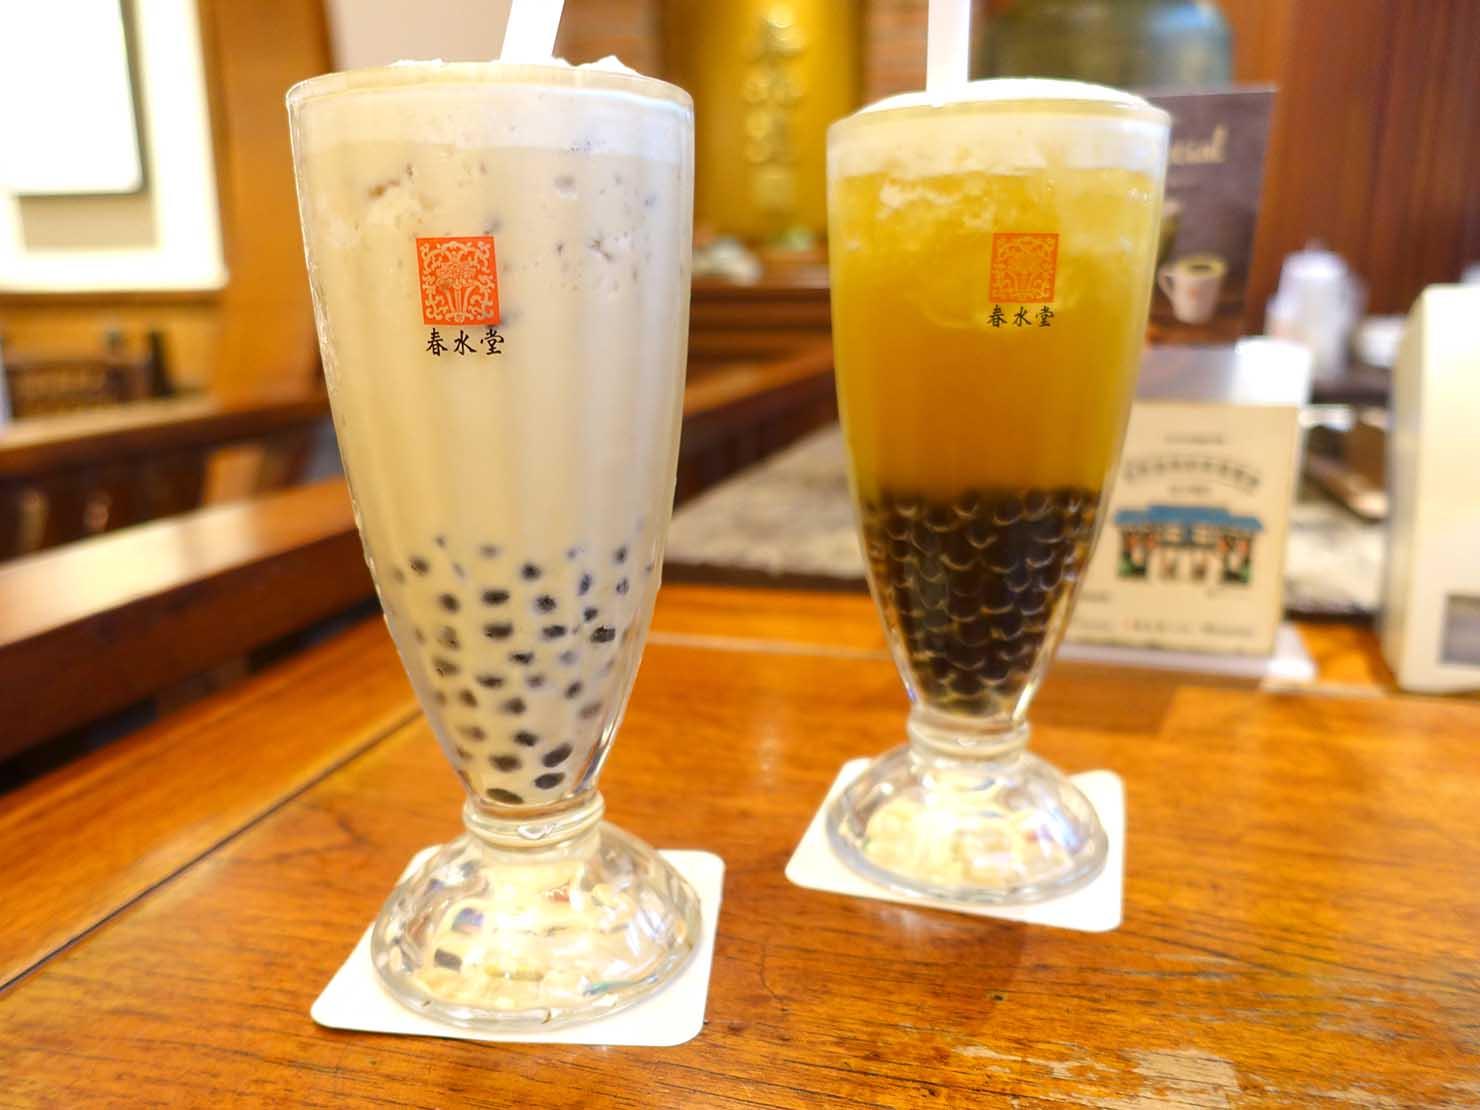 台中観光のおすすめスポット「春水堂創始店」の珍珠奶茶(タピオカミルクティー)